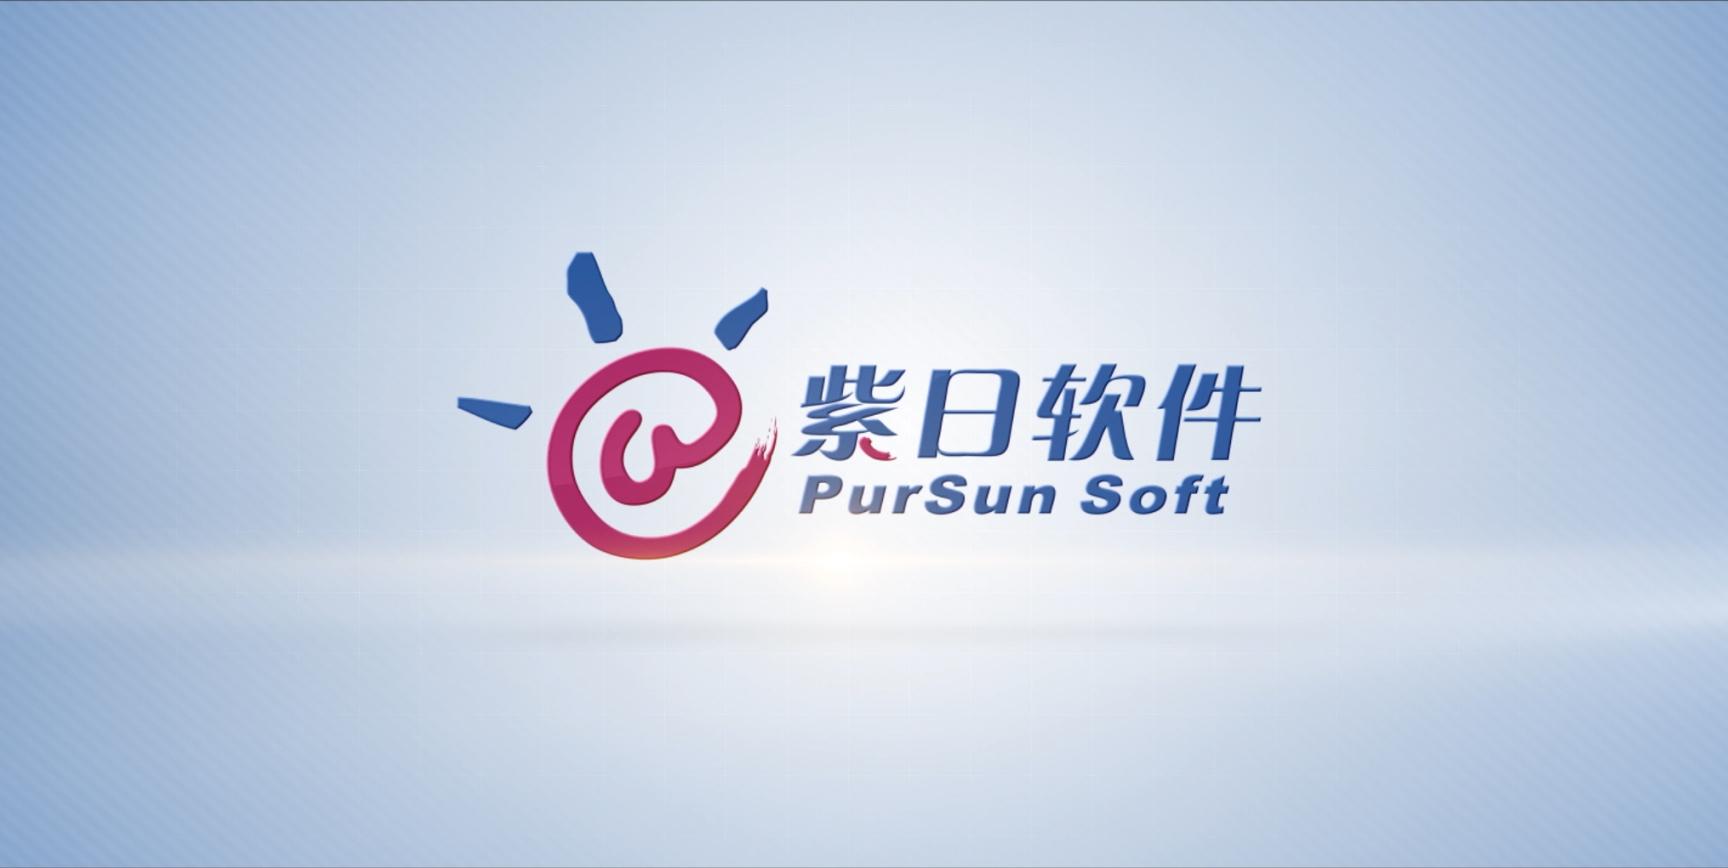 广州市紫日计算机科技有限公司